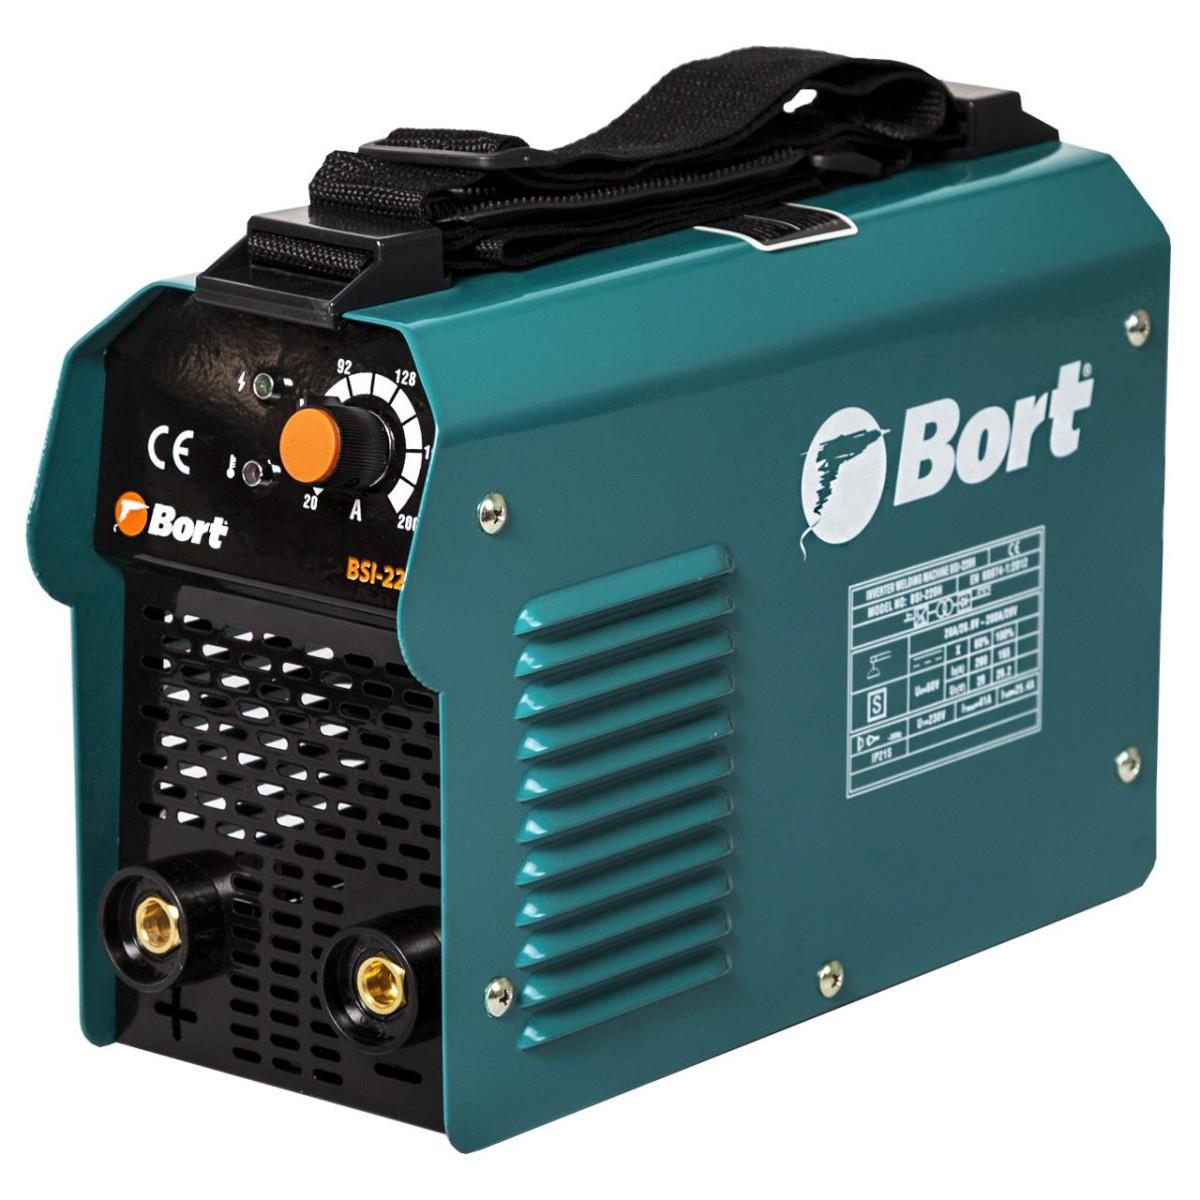 Дуговой сварочный инвертор Bort BSI-220H 91272652